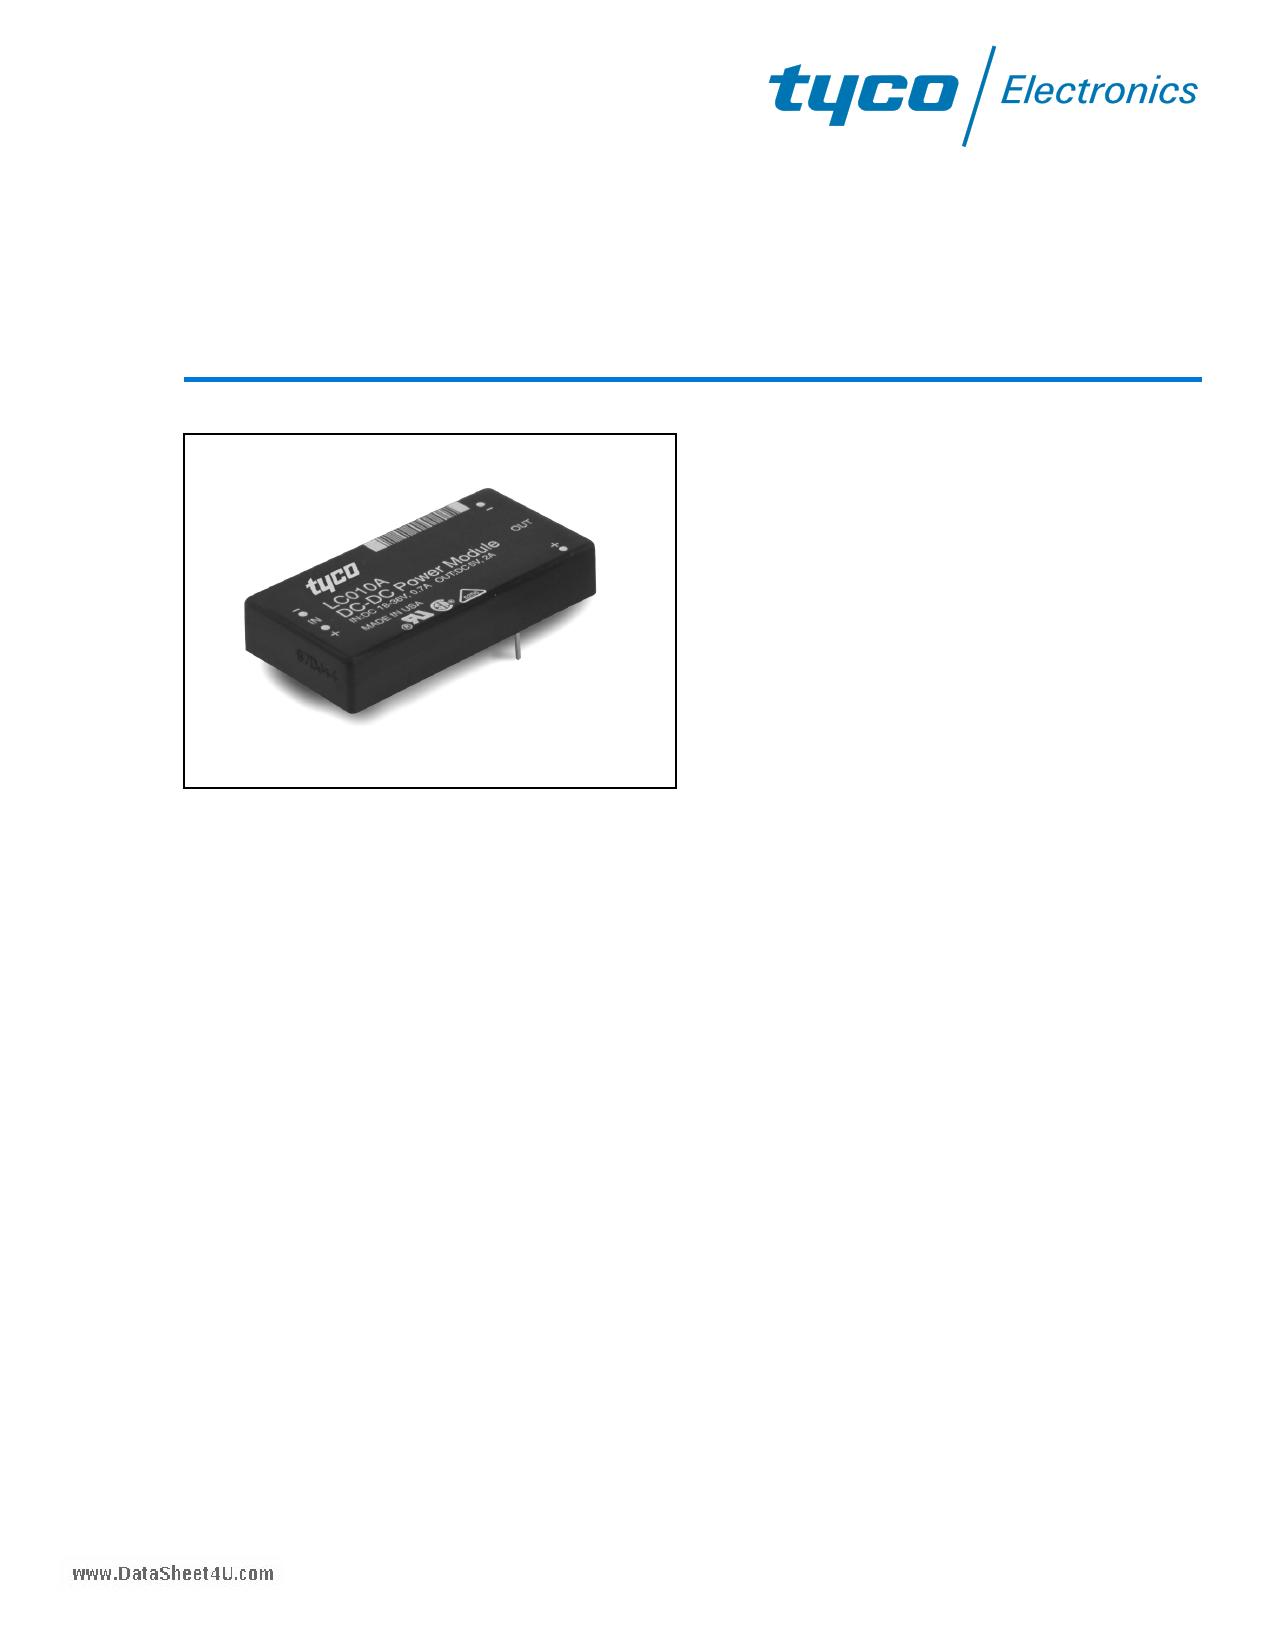 LC015B datasheet